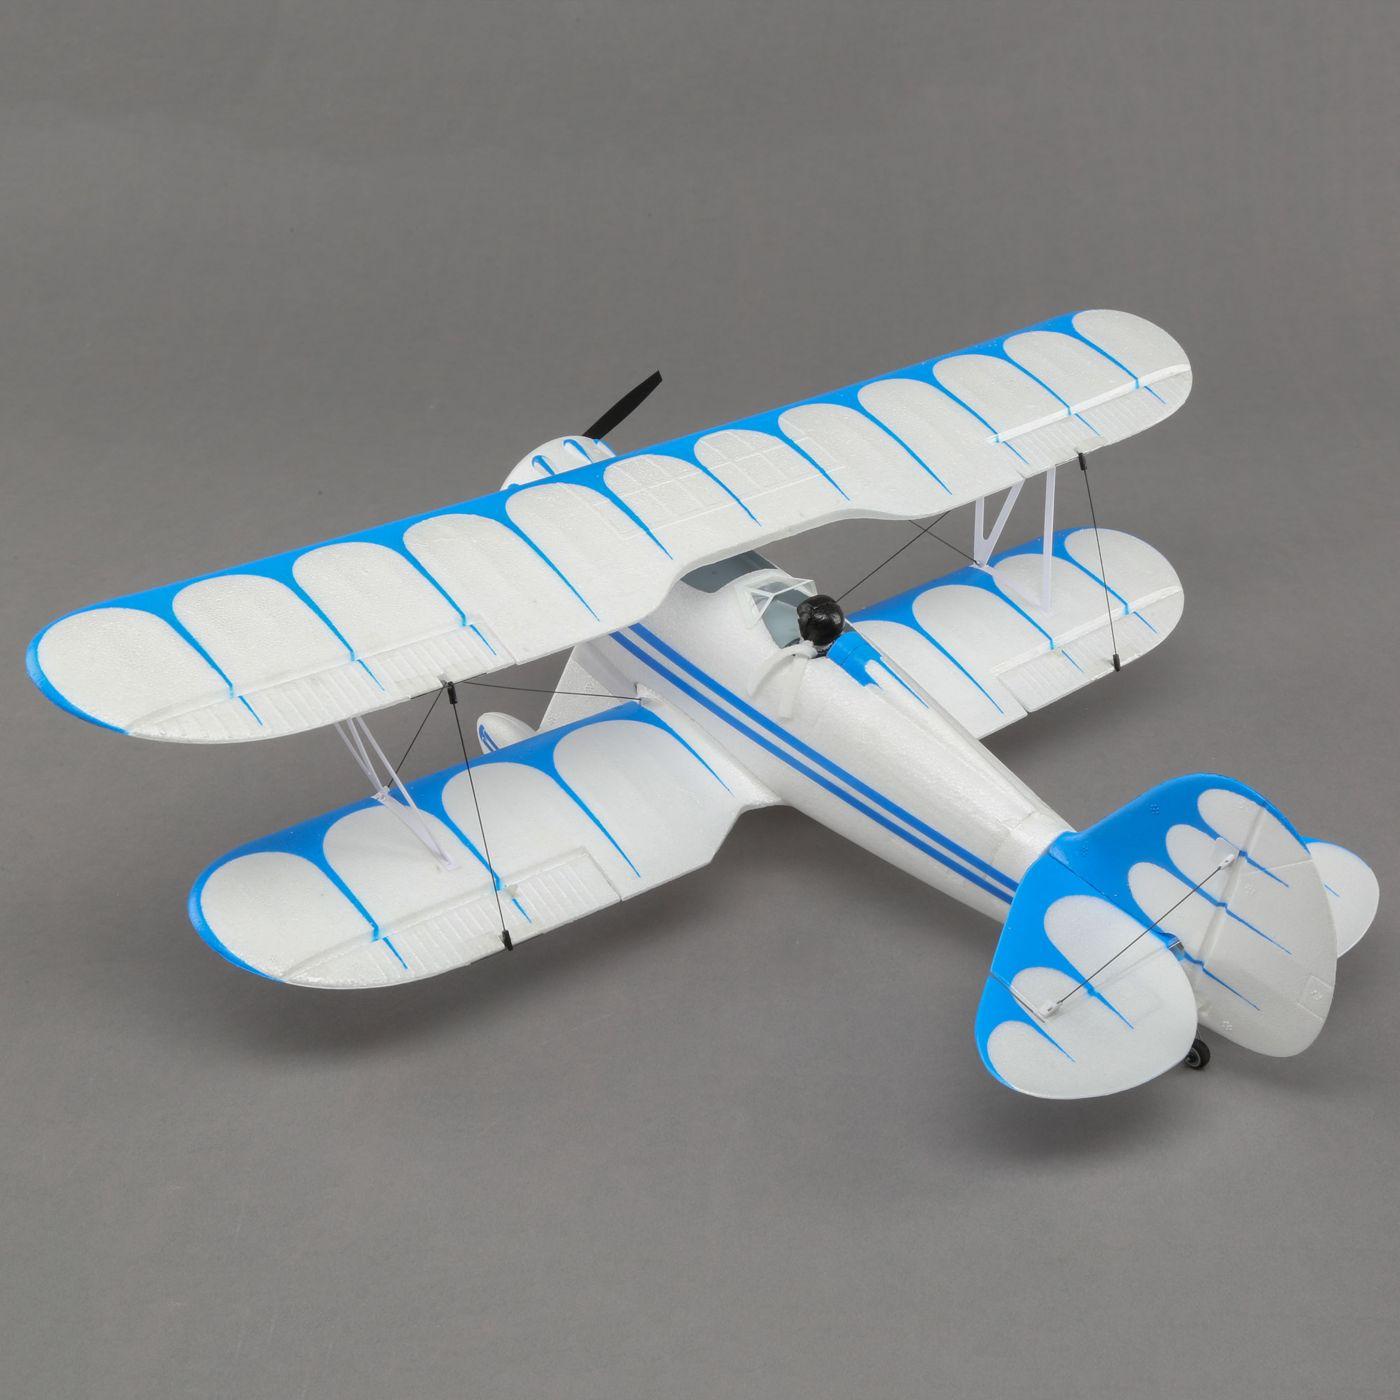 E-flite UMX Waco Biplano BL EDF BNF AS3X 03